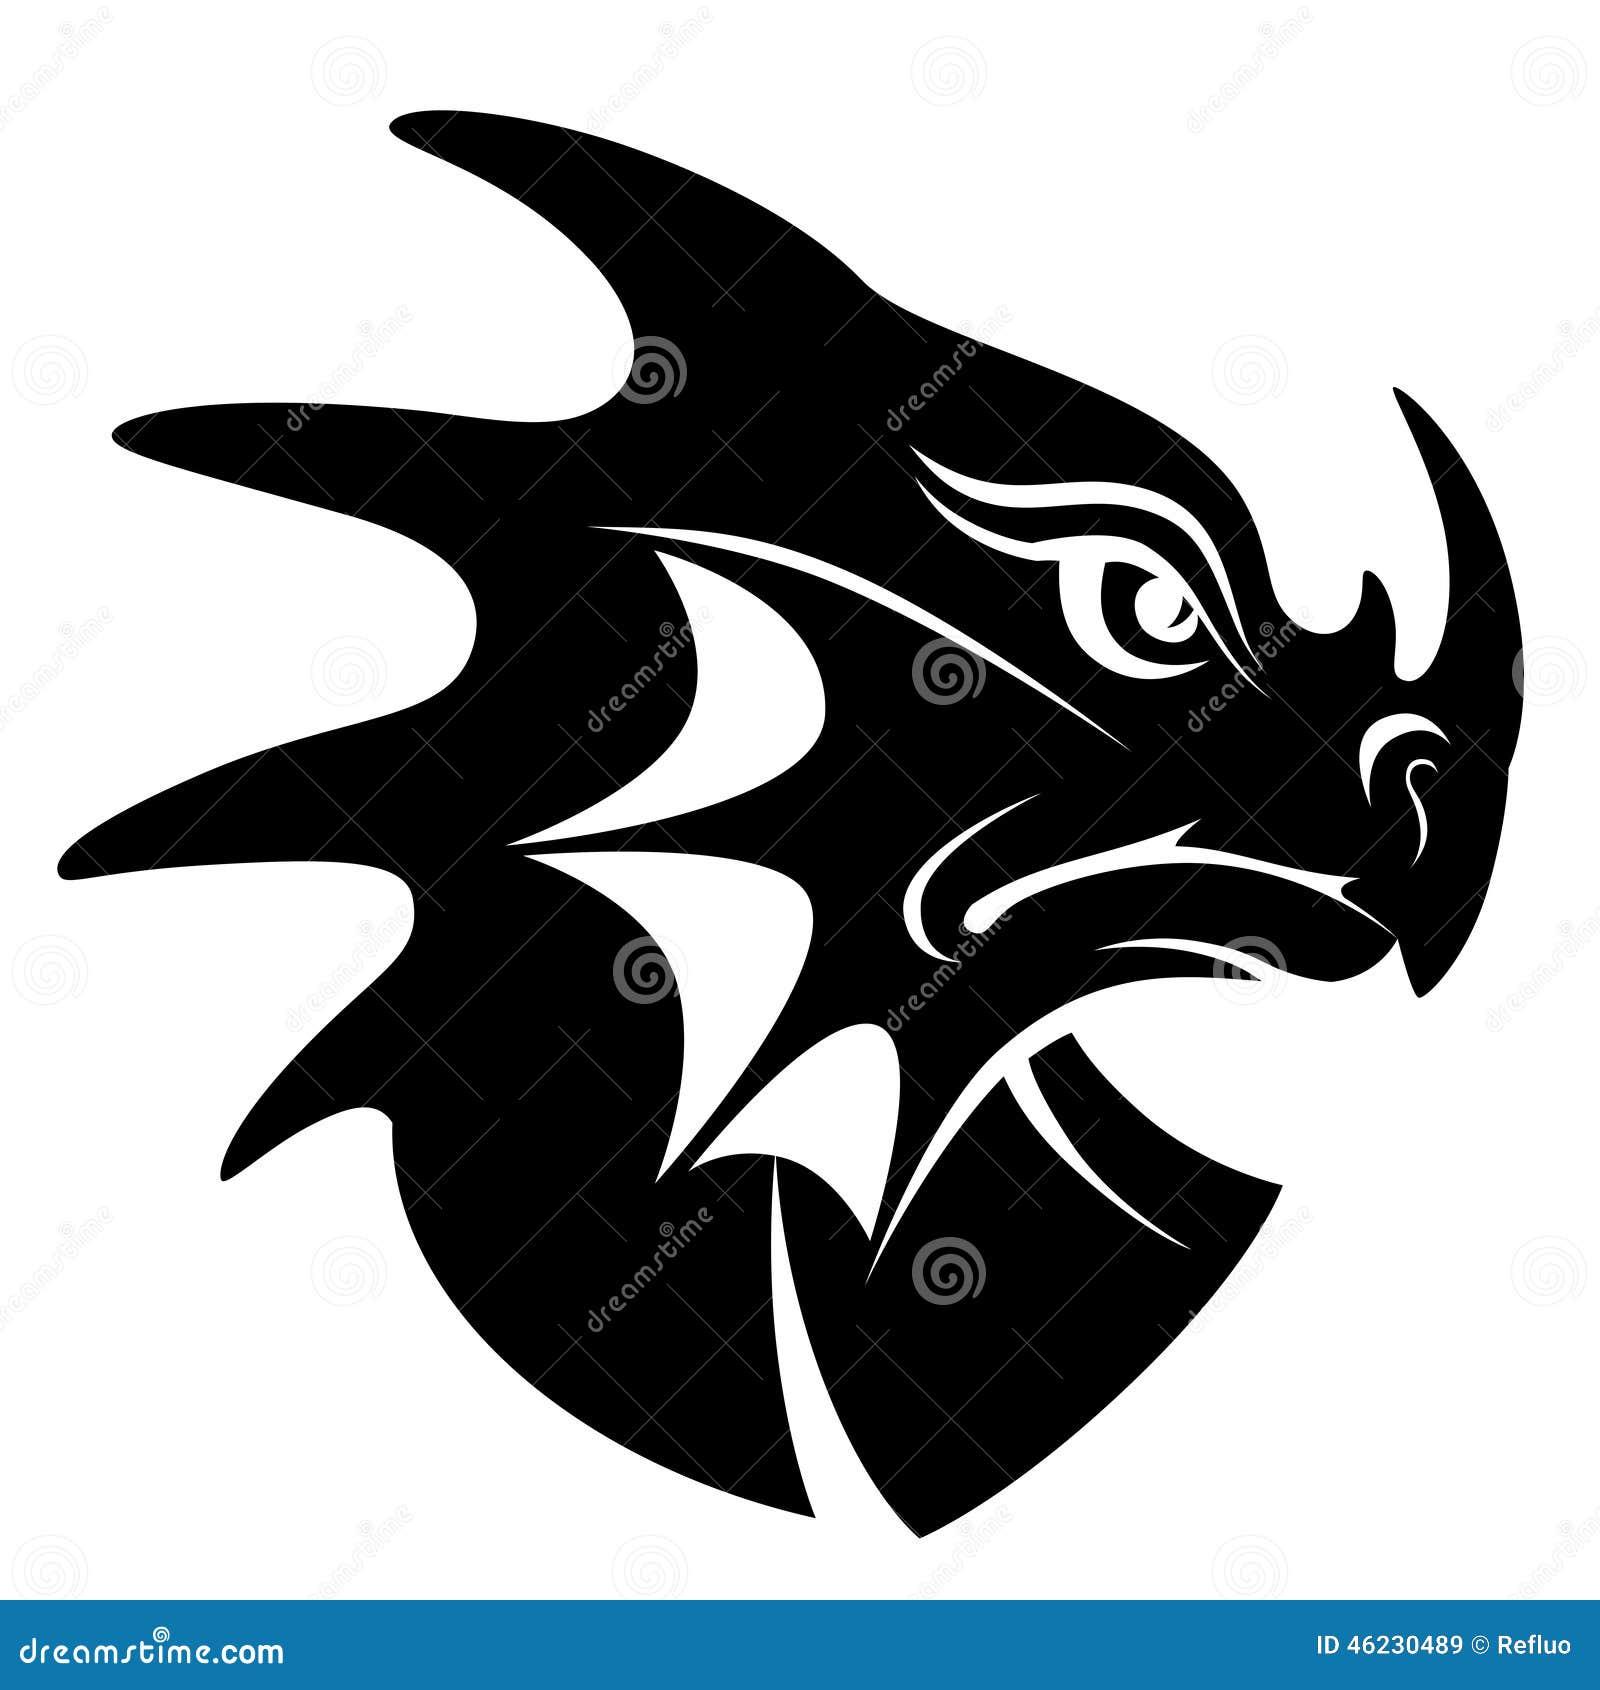 Dragon Head Symbol Stock Vector - Image: 46230489